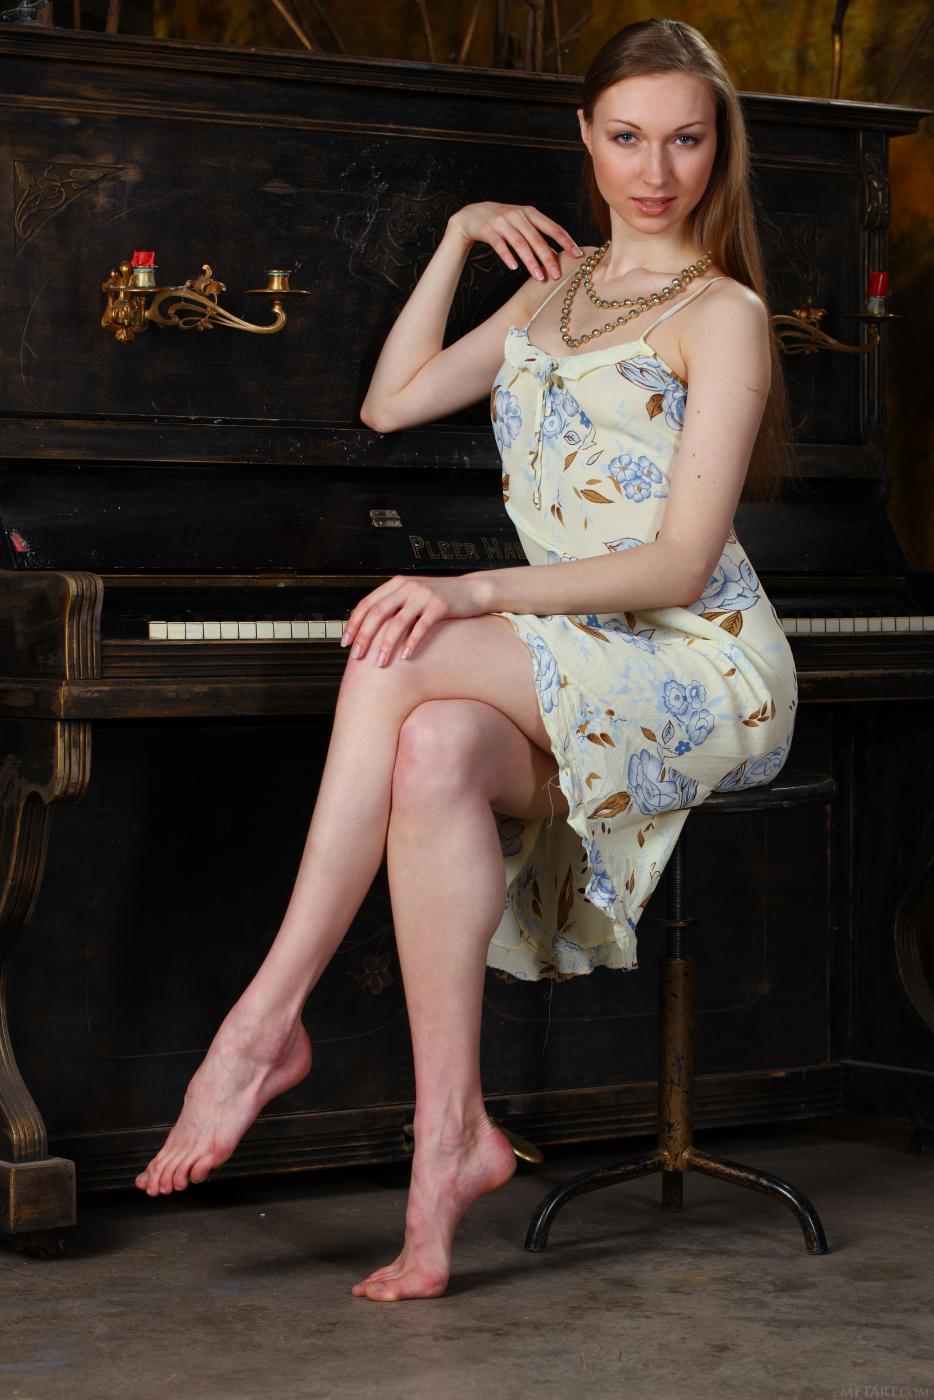 Стильная девочка-подросток Annett A выглядит весьма сексуально, позируя с обнаженной грудью и писей